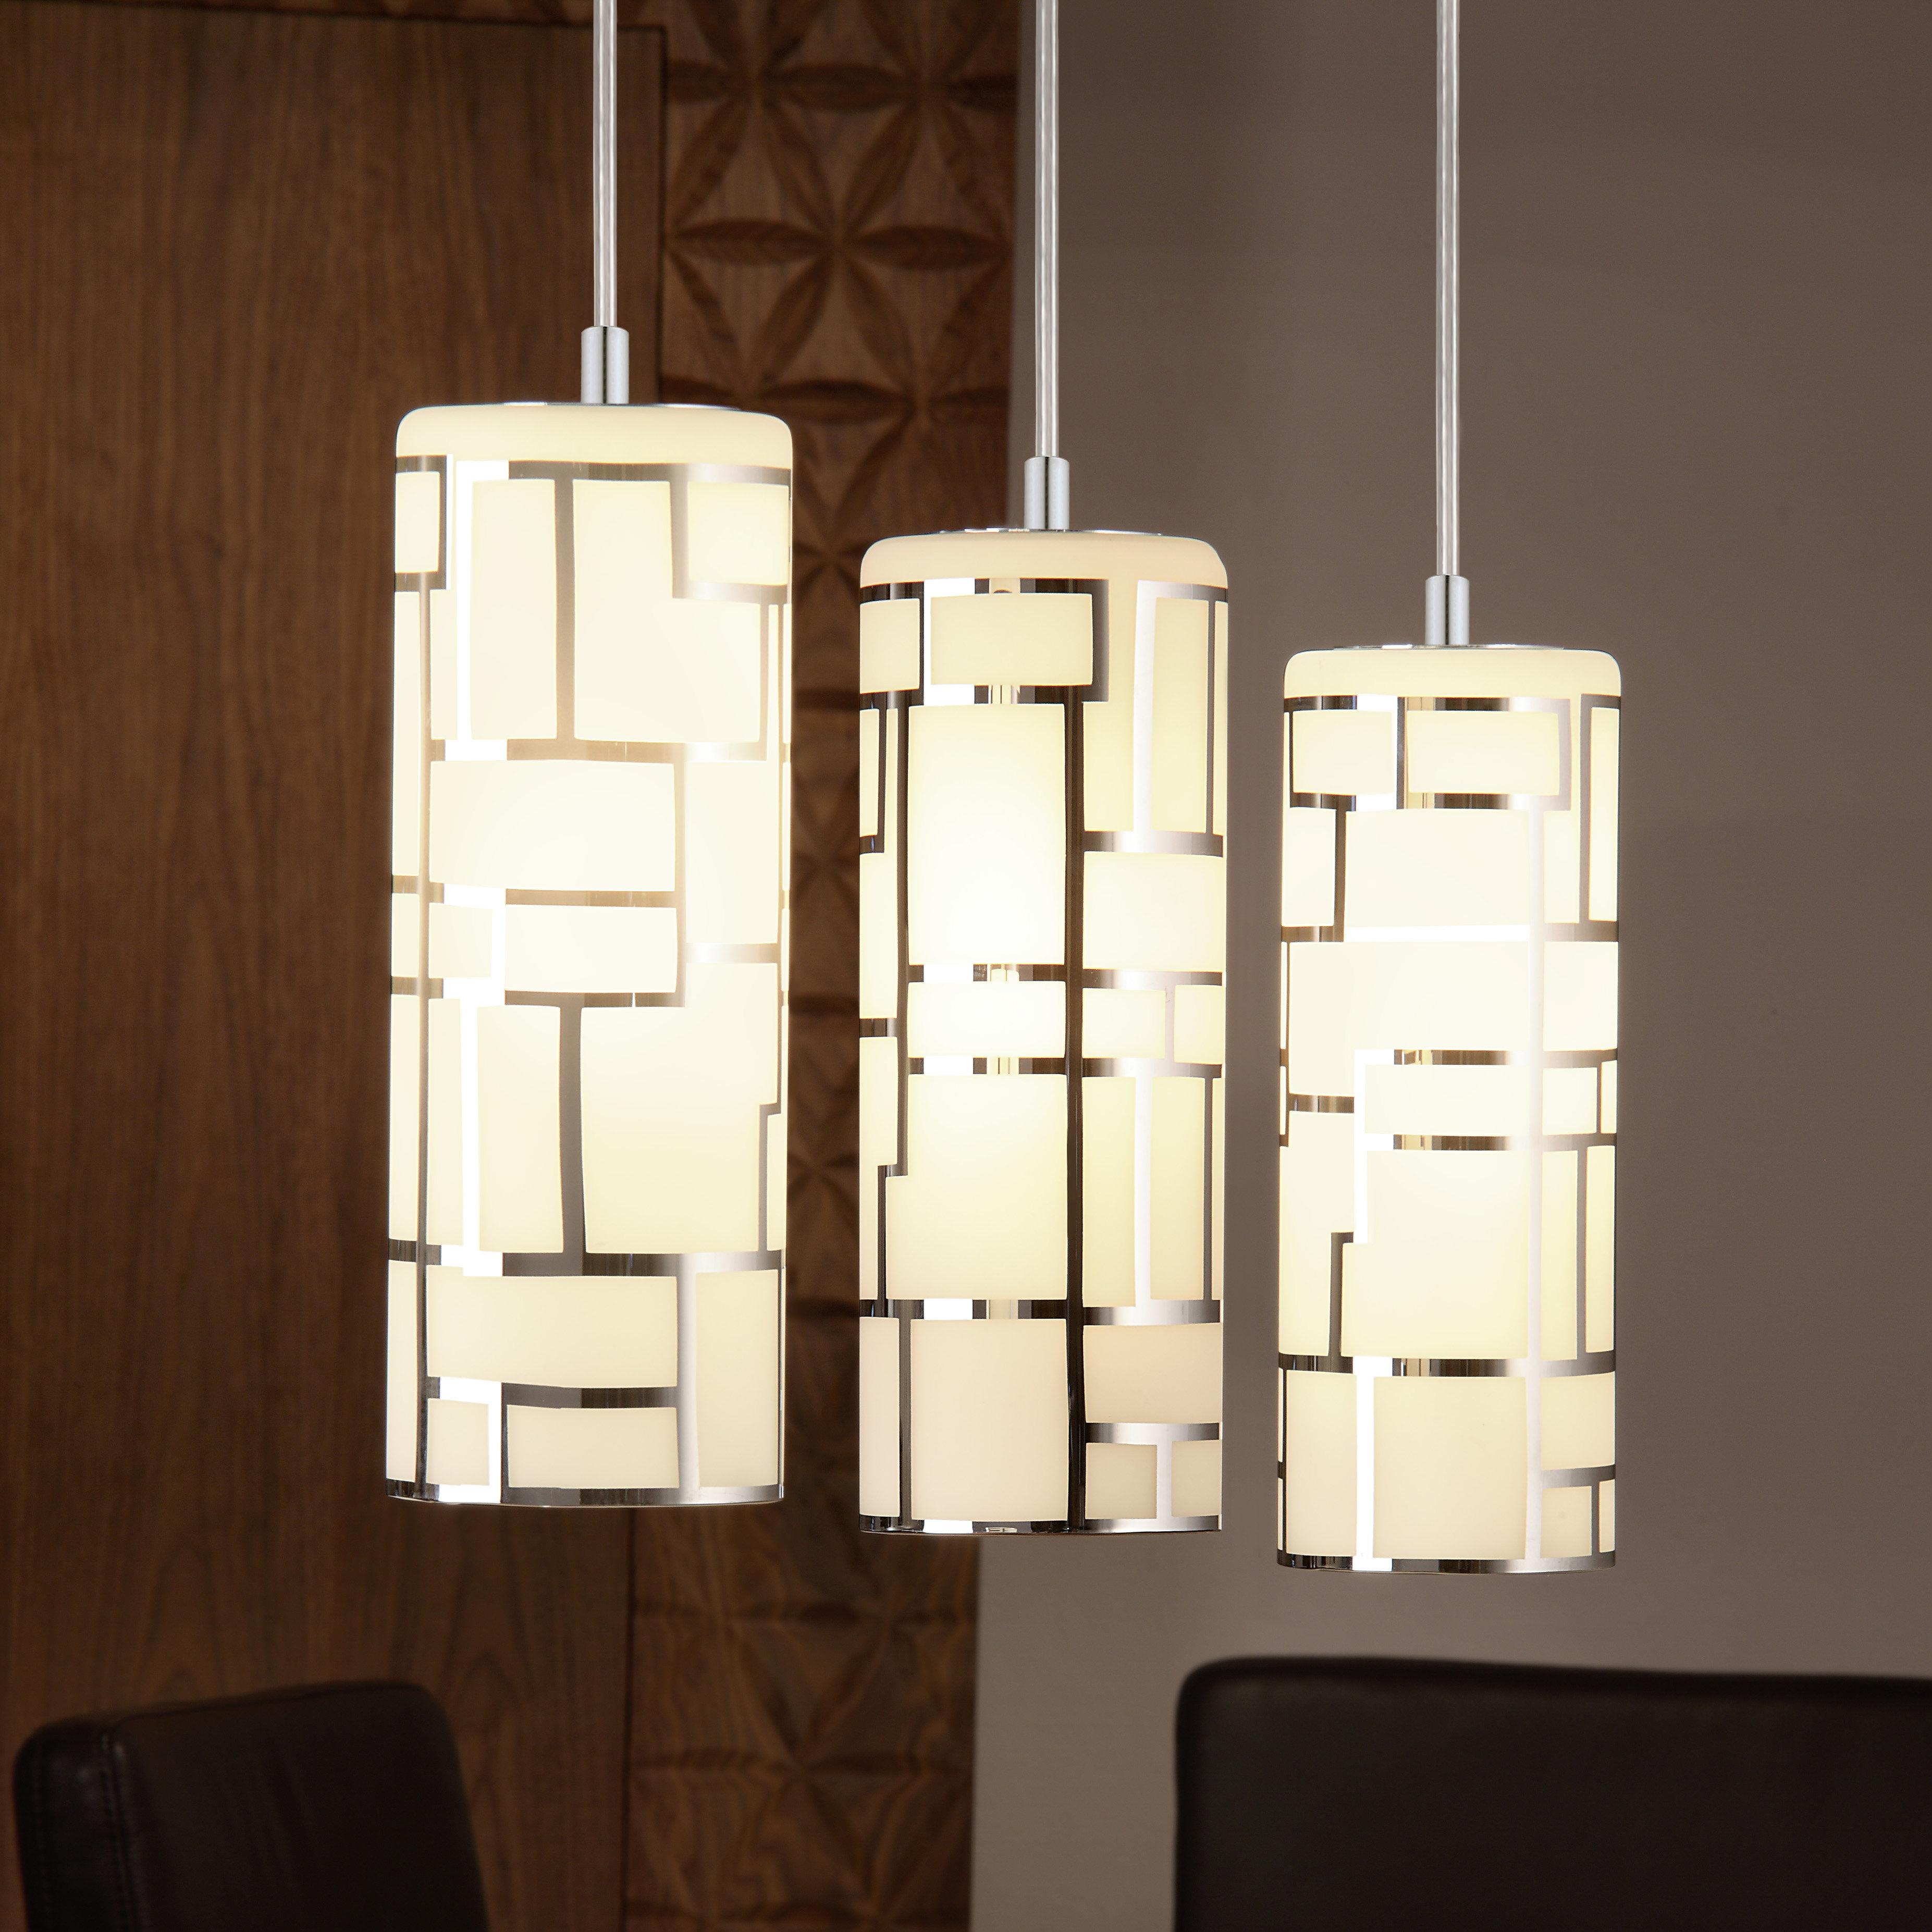 Kitchen Island Pendant Lighting Fixtures – Gnubies In Ariel 2 Light Kitchen Island Dome Pendants (Image 19 of 30)